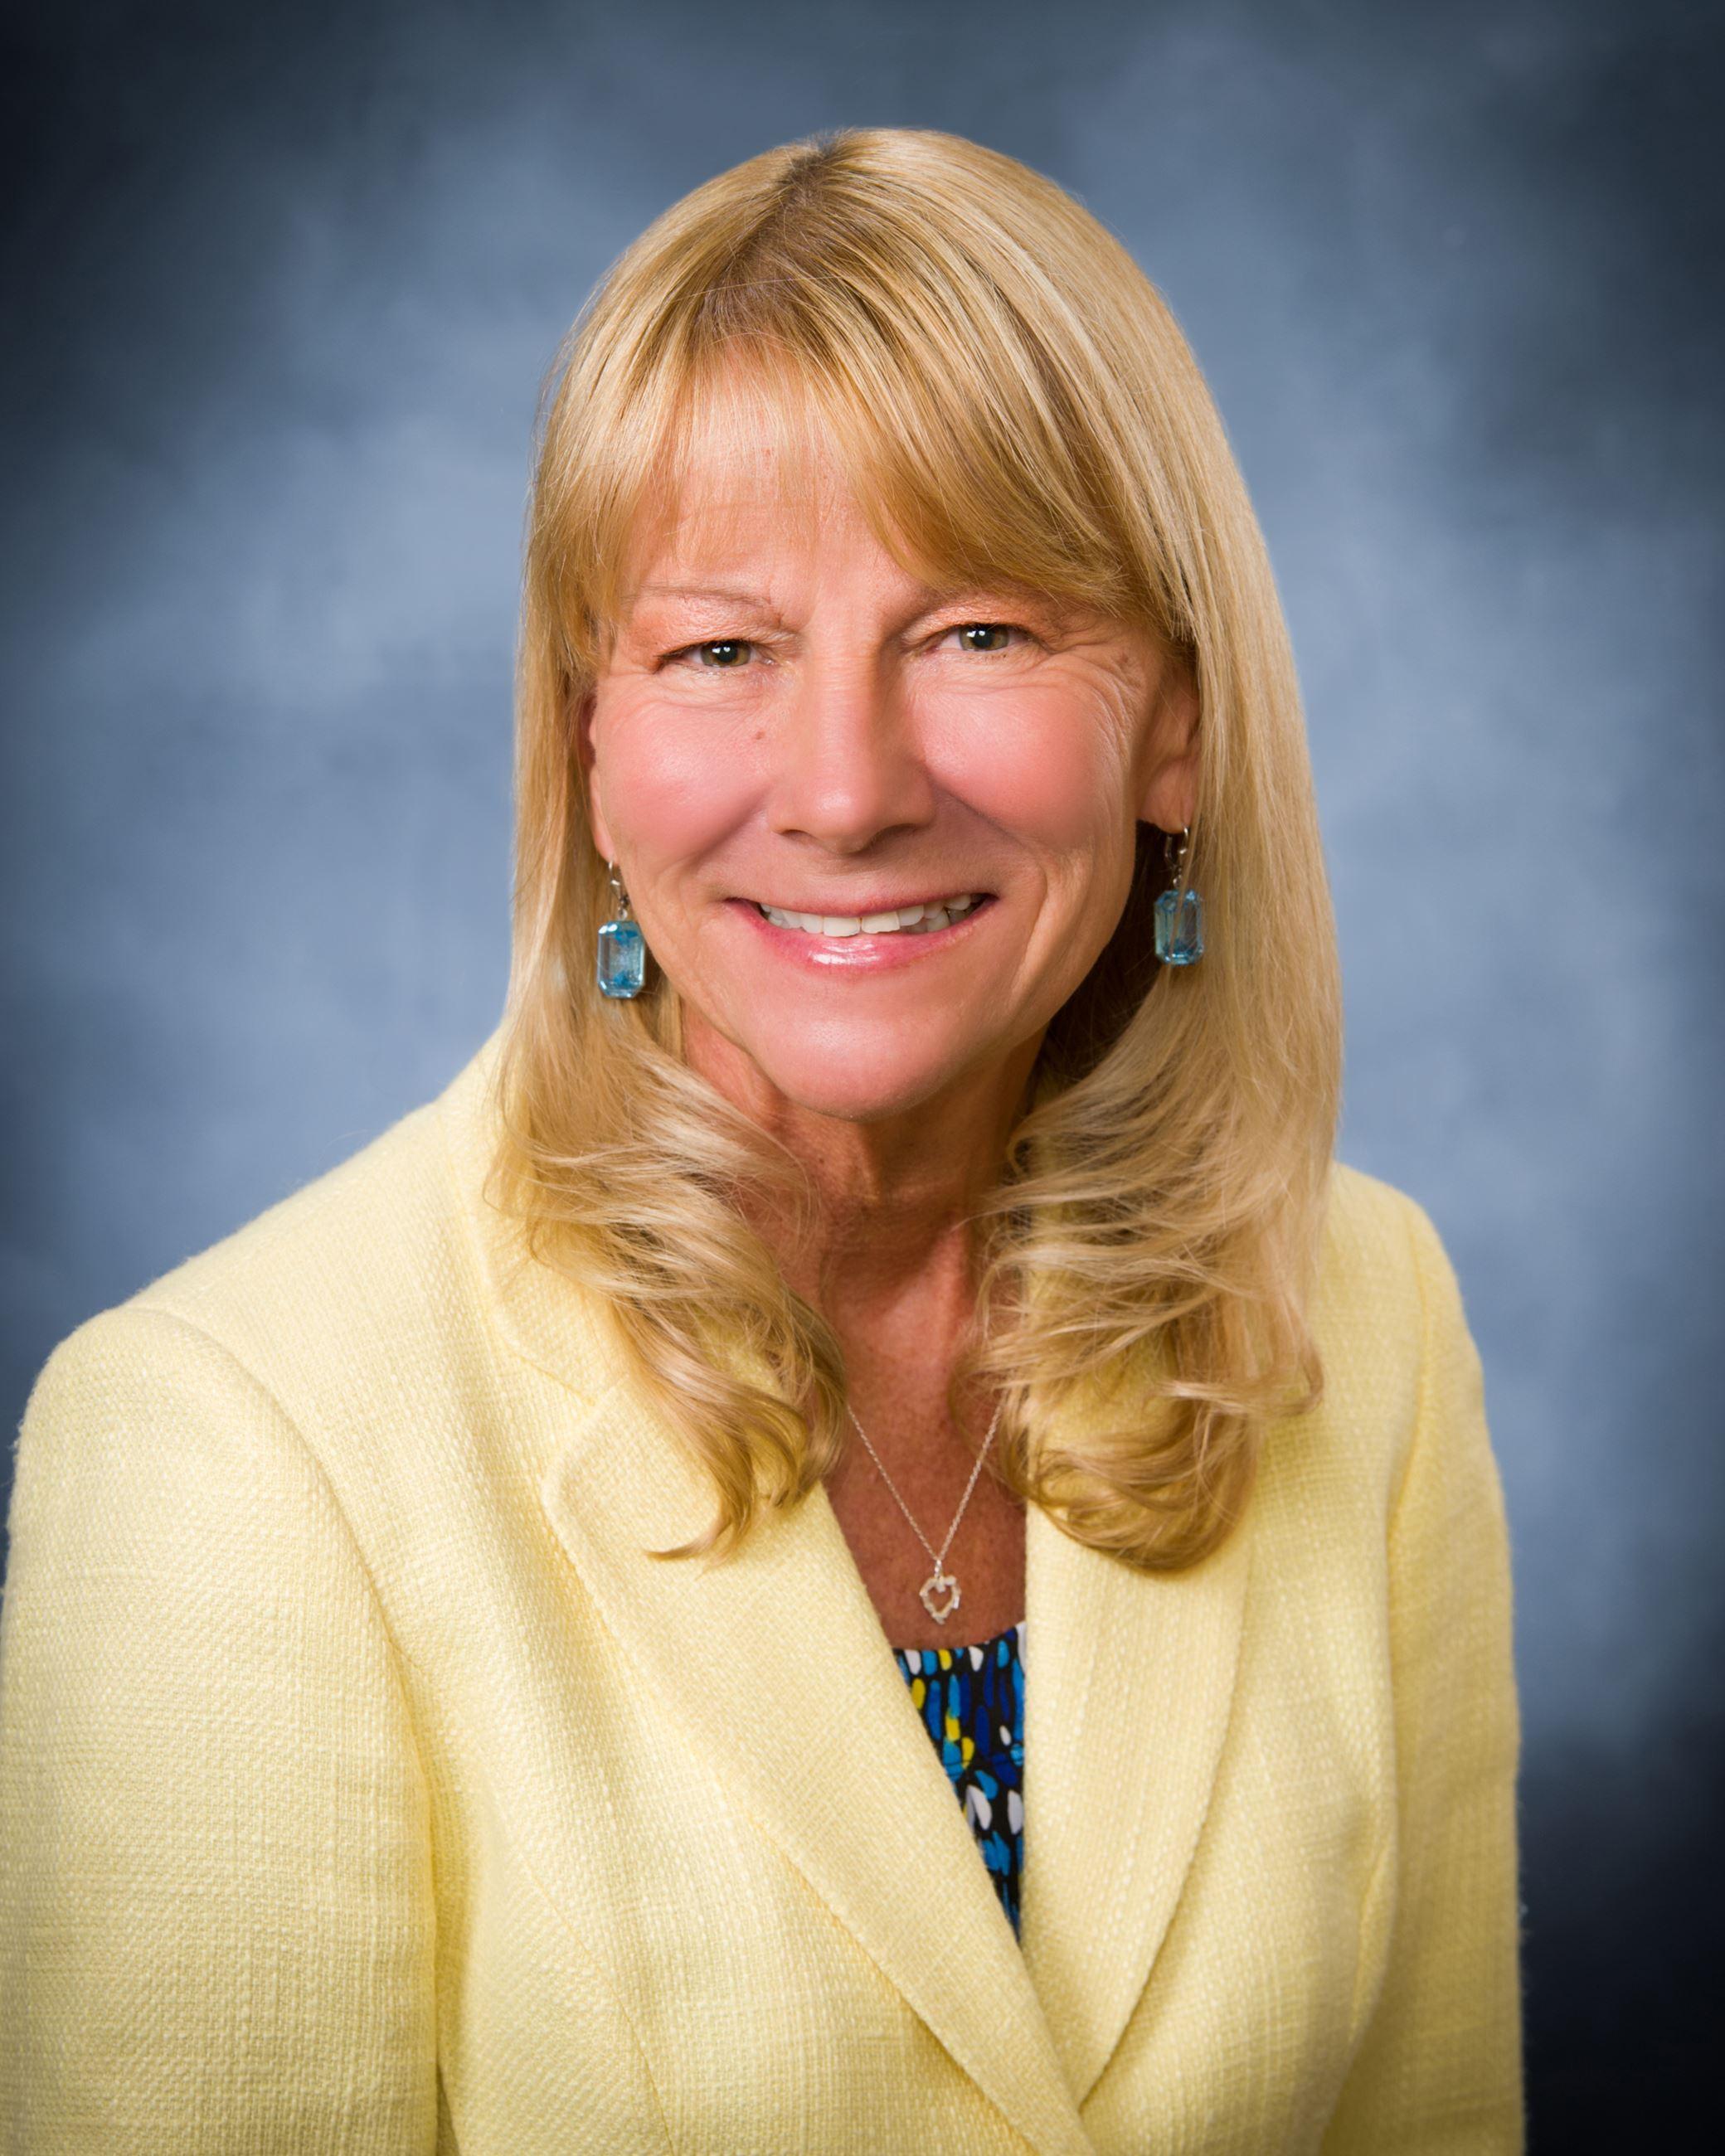 Karen Denzine